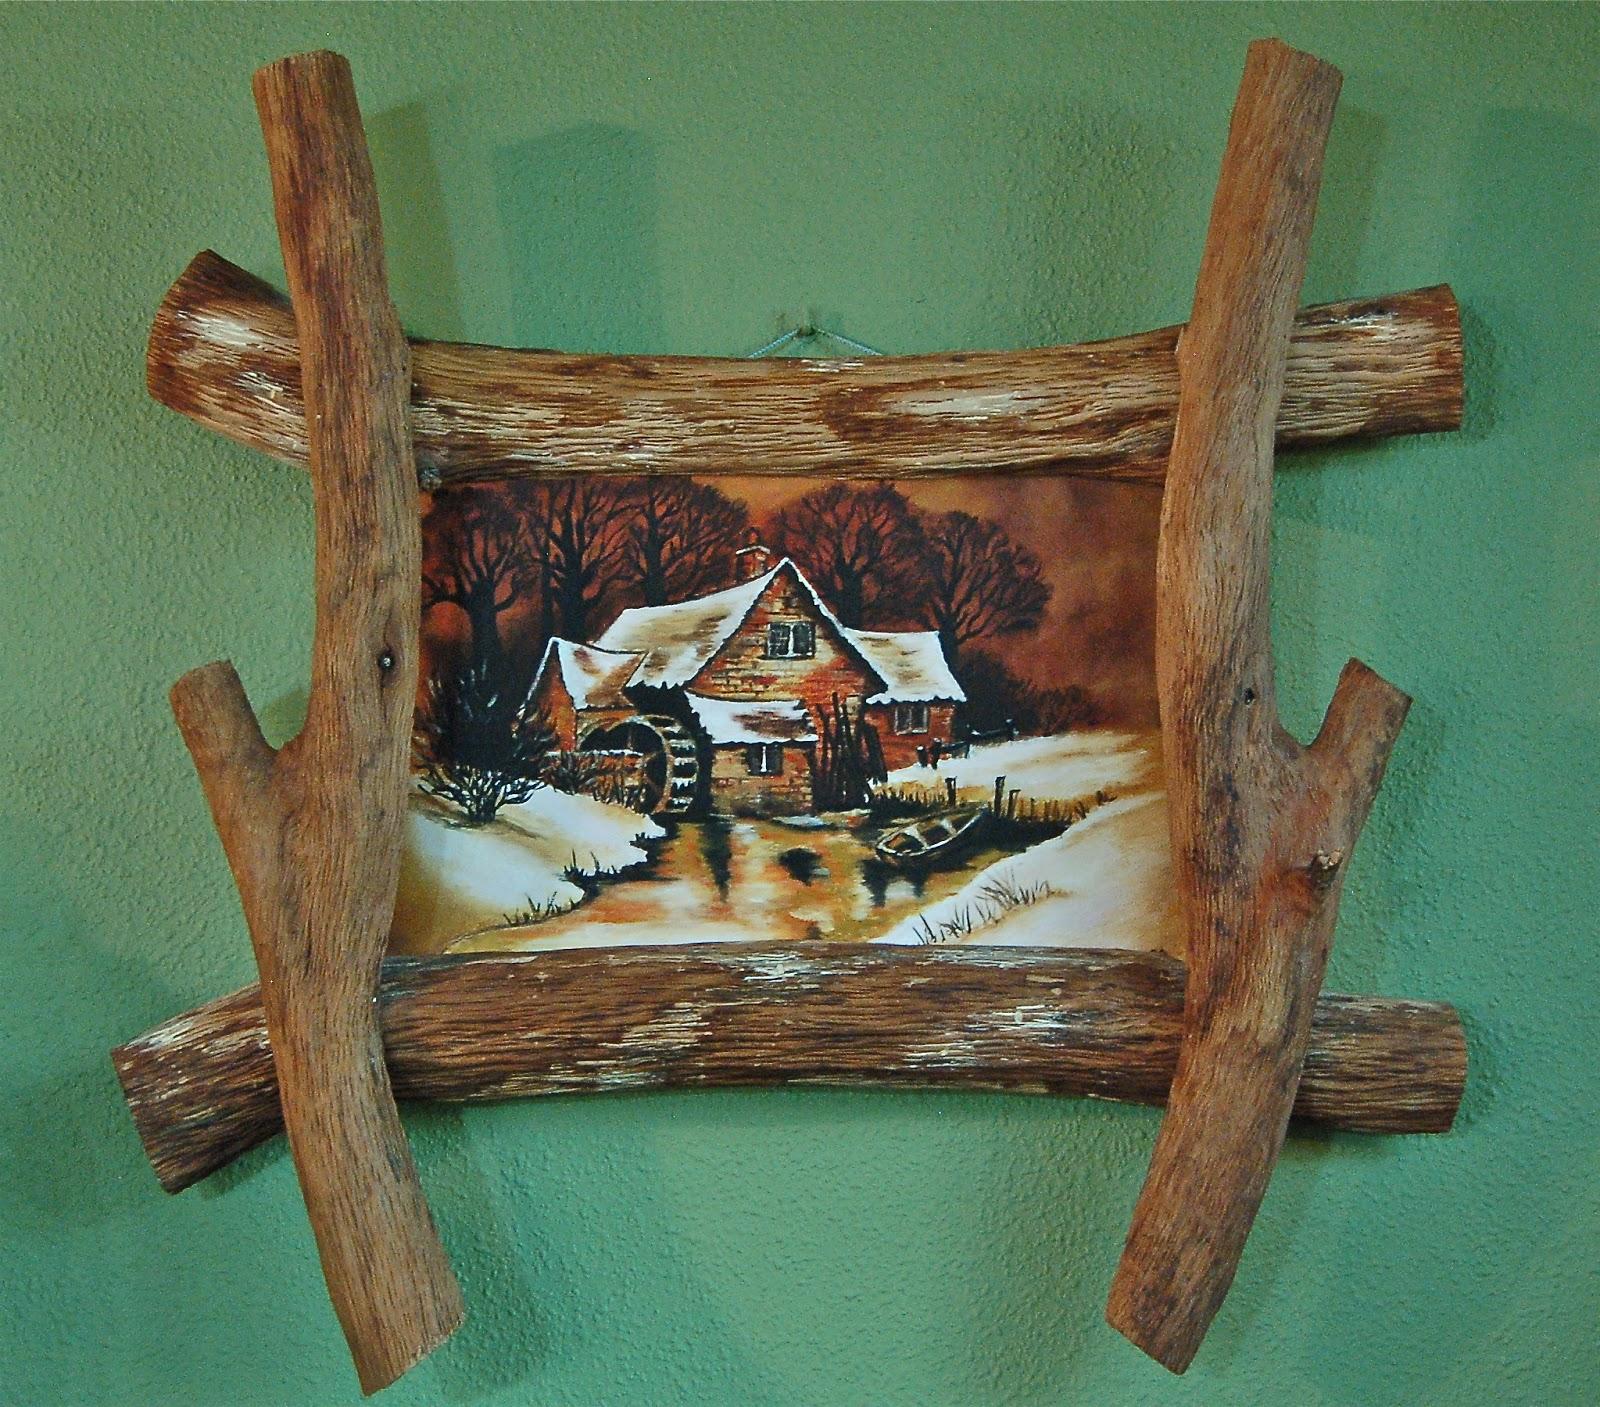 El rinc n del neighbor marcos de madera - Marcos rusticos para fotos ...